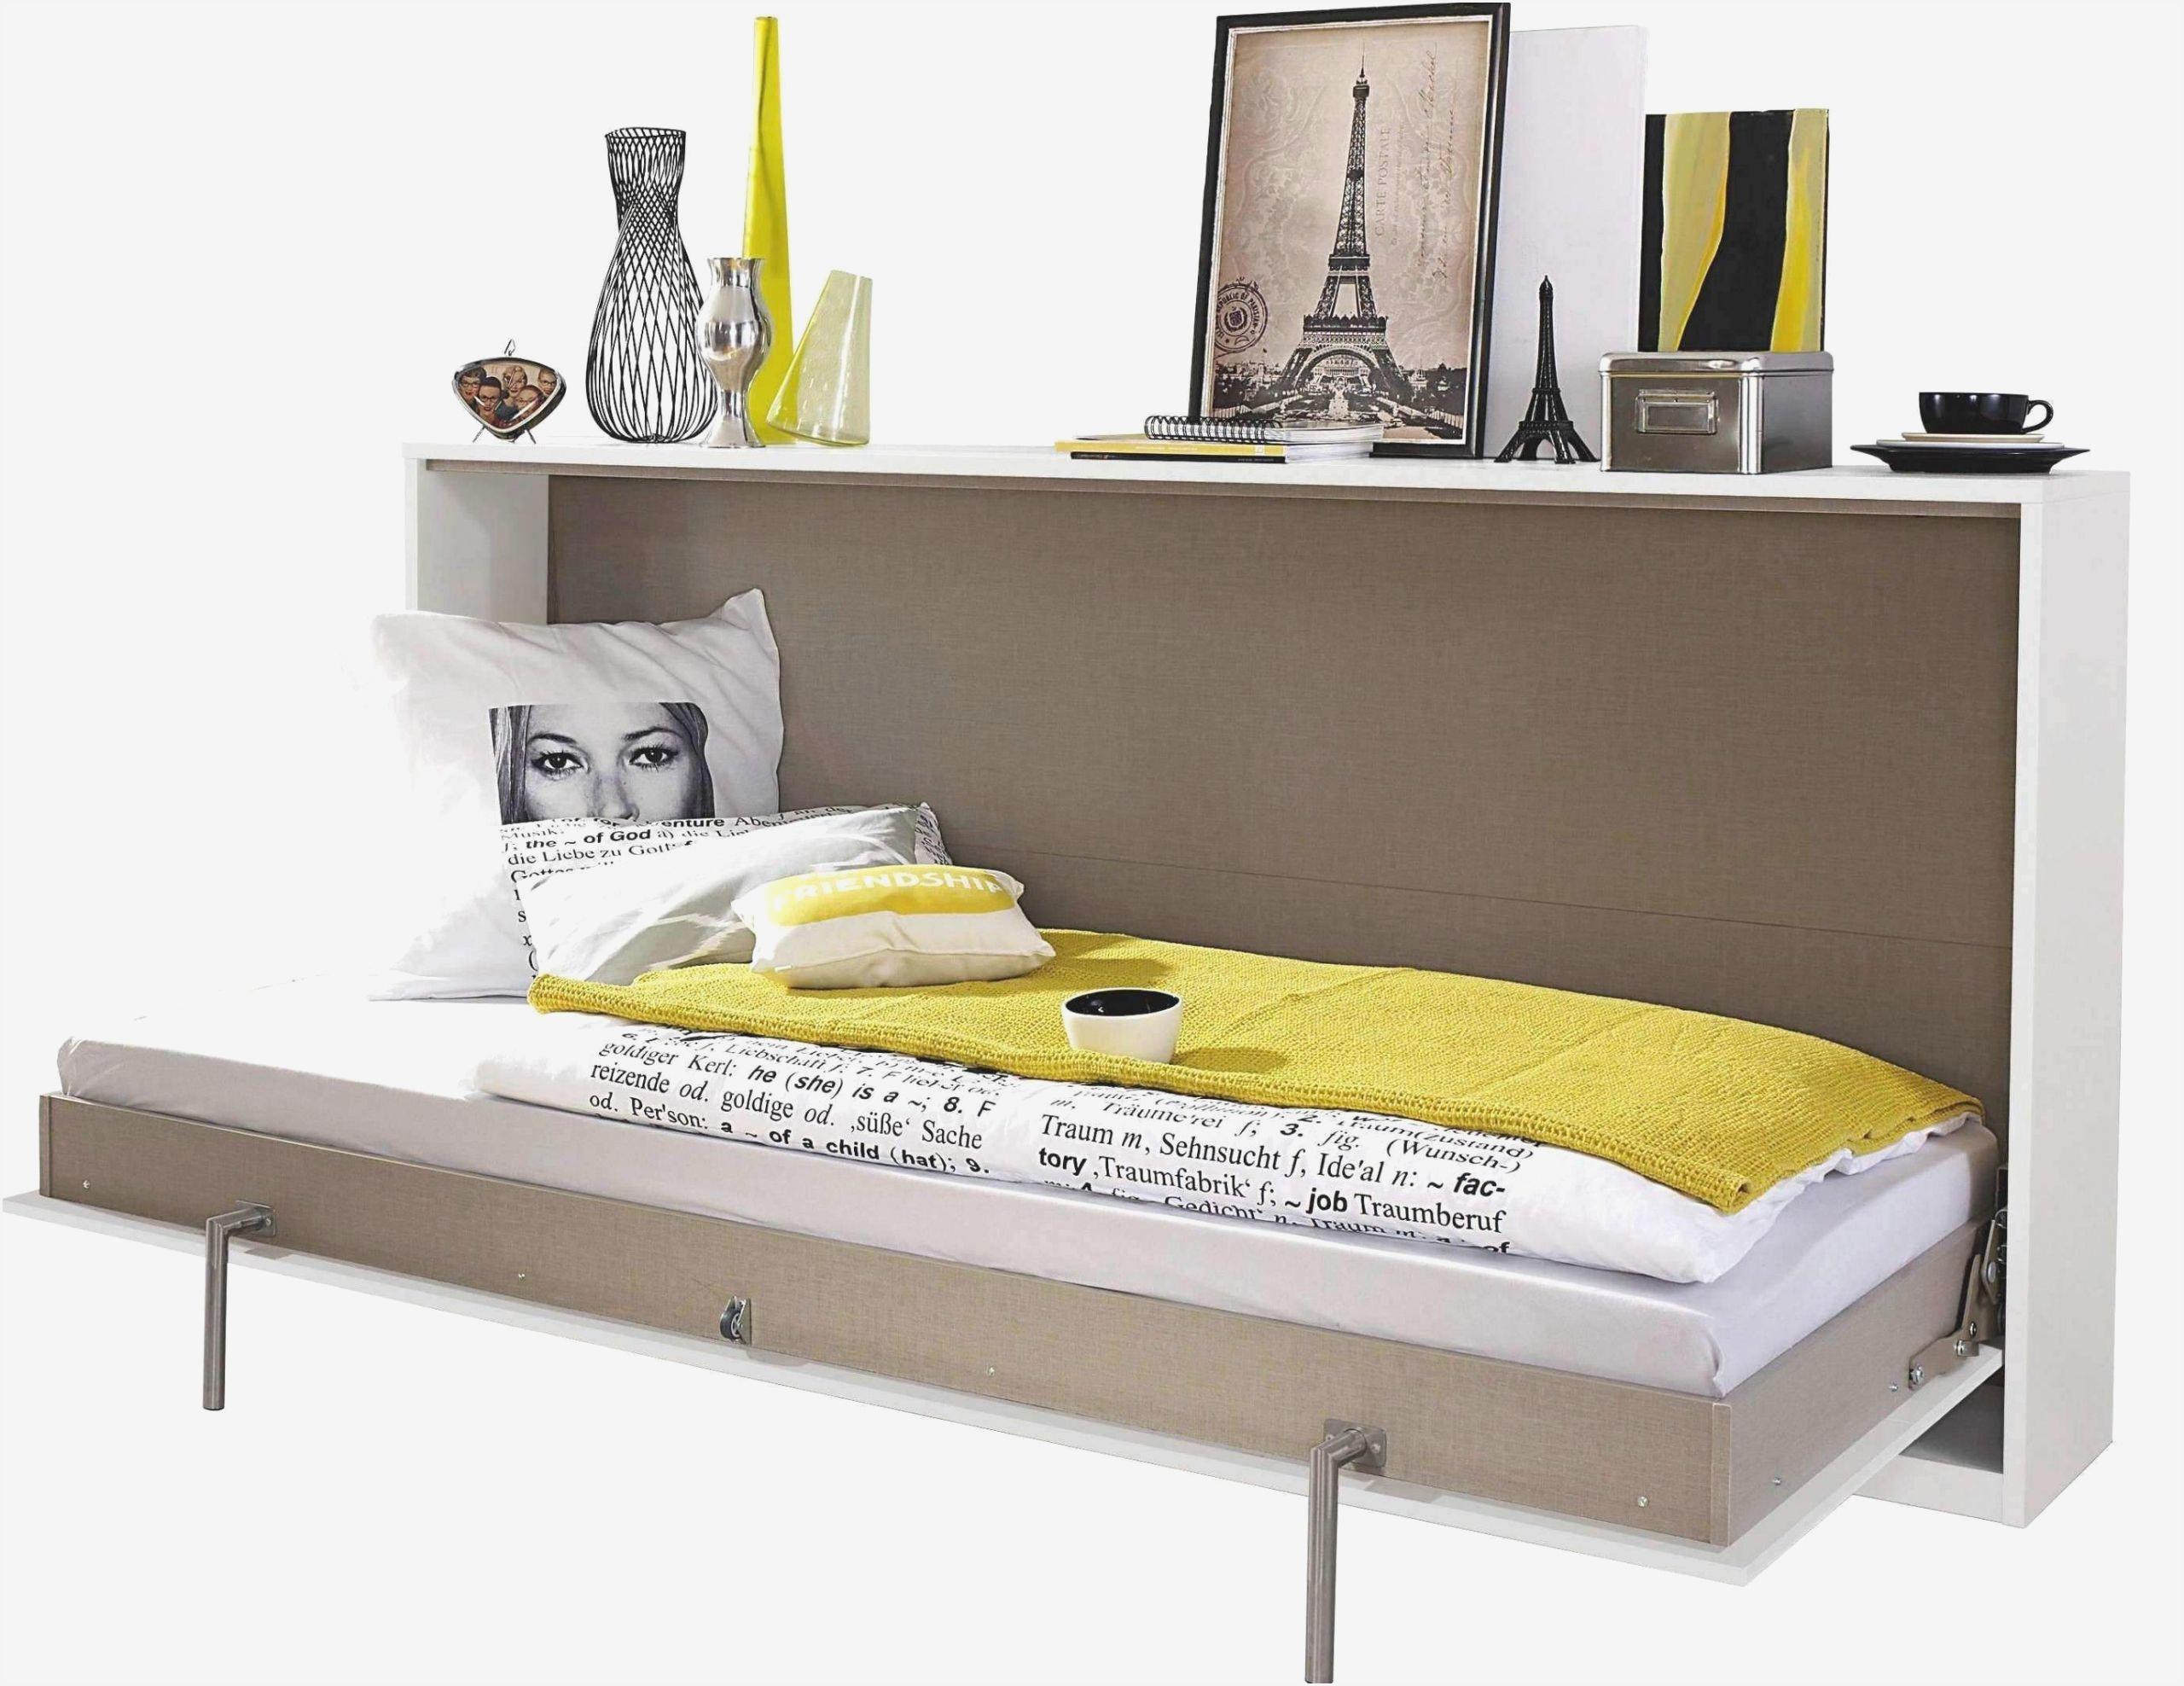 Full Size of Schlafzimmer Virtuell Einrichten Ikea Traumhaus Betten 160x200 Küche Kosten Wohnzimmer Landhausstil Lampe Teppich Stehlampen Deckenlampe Led Deckenleuchte Wohnzimmer Gardinen Wohnzimmer Ikea